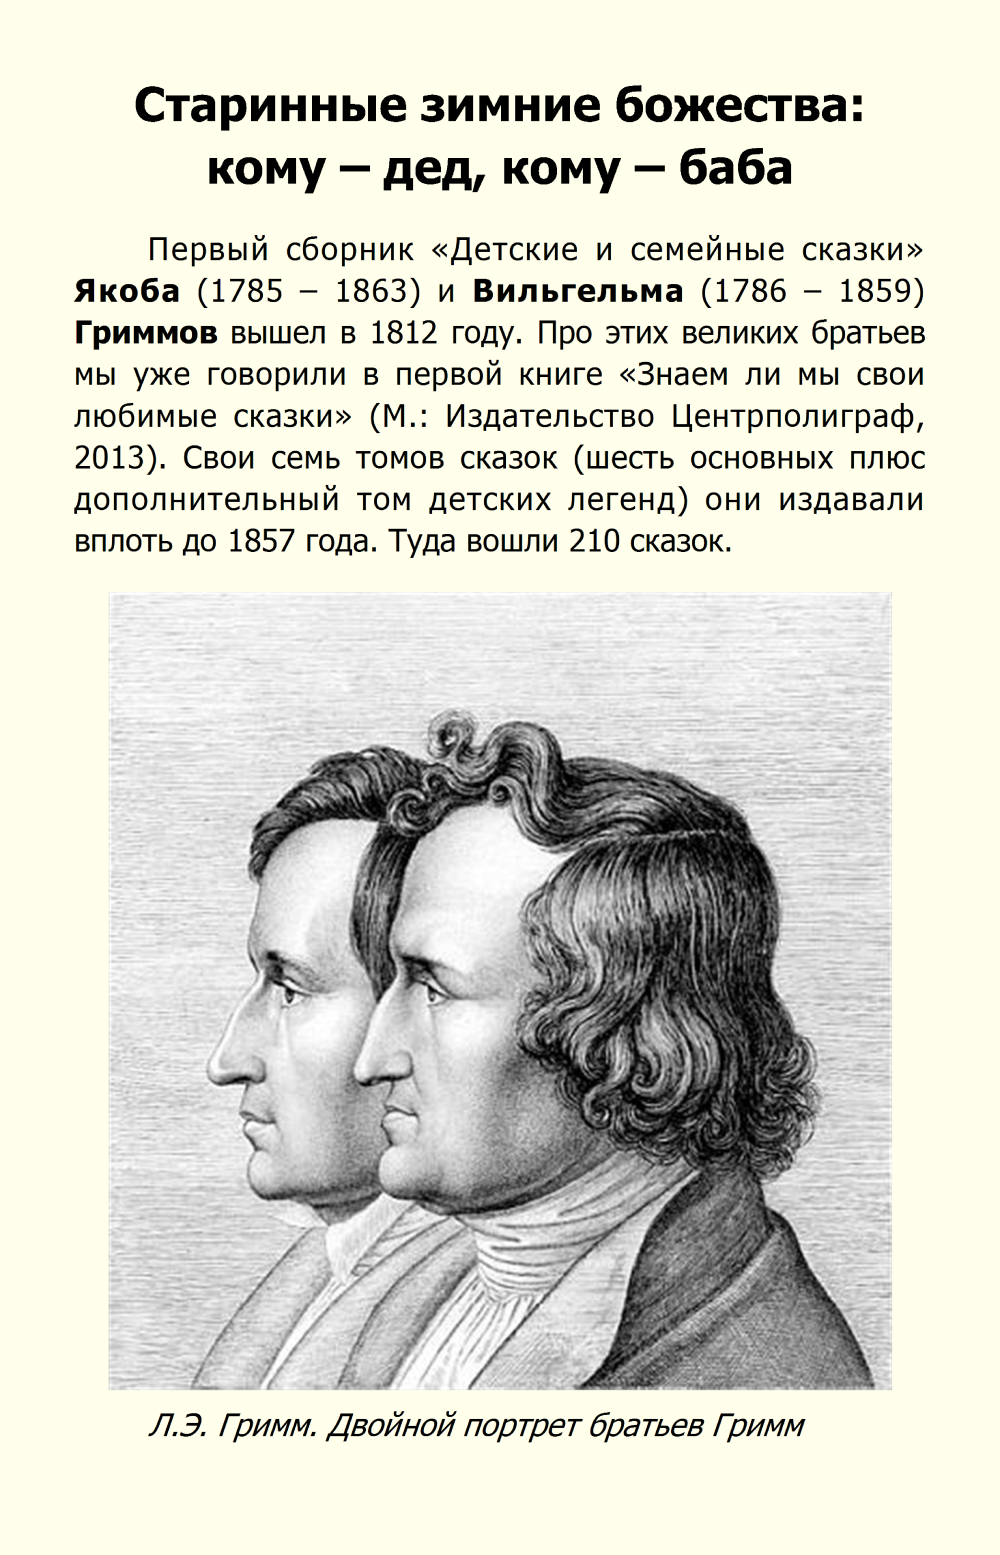 http://i3.imageban.ru/out/2014/01/25/52335e394a1a1dbd614887605dbd6db4.jpg